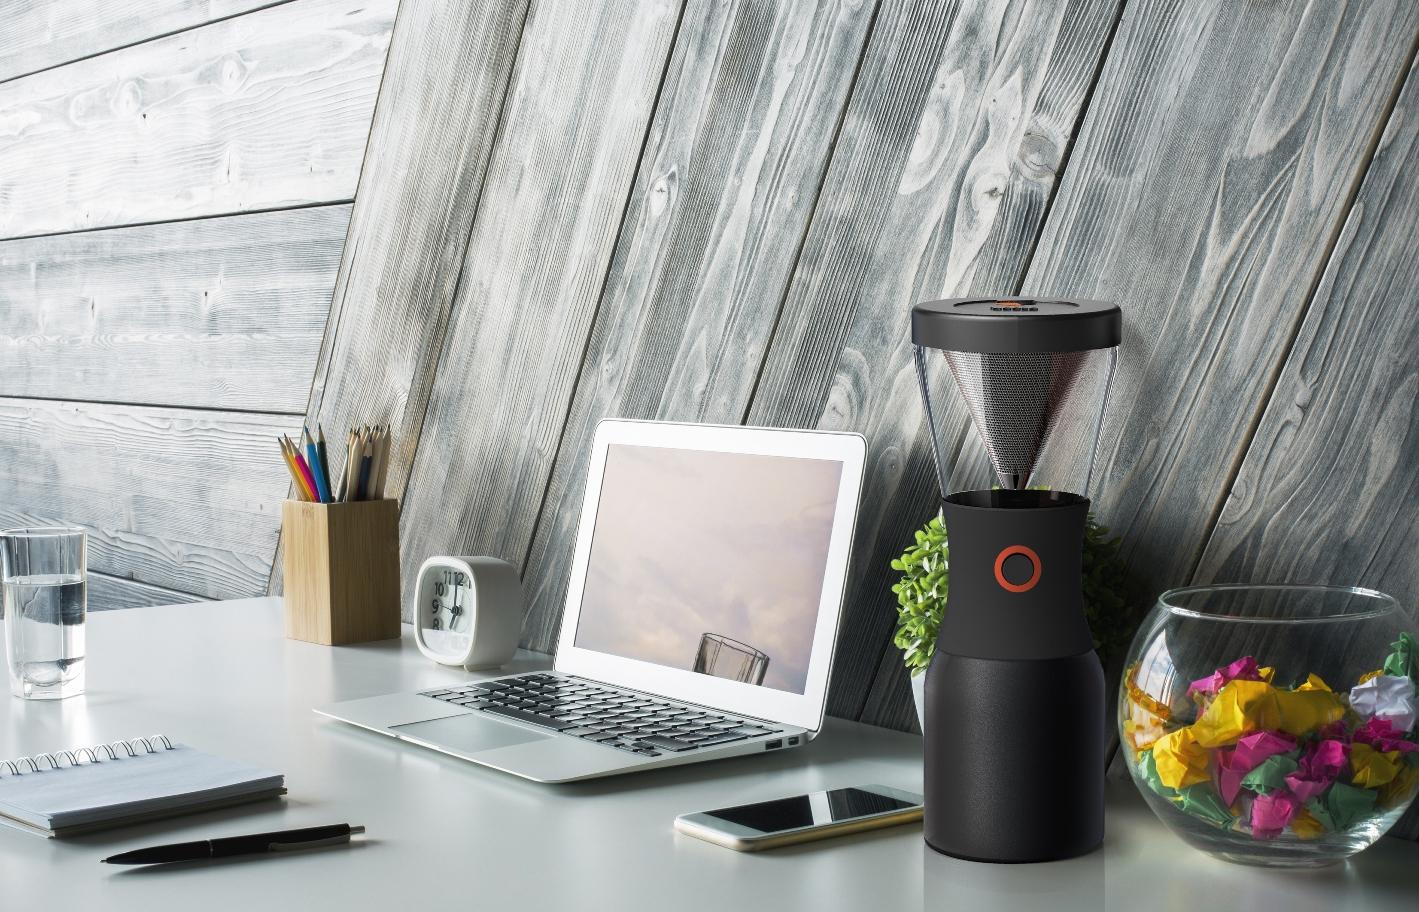 Кофеварка портативная Asobu COLD BREWCOFFEE, 1,1 л, черный Asobu KB900 BLACK фото 1